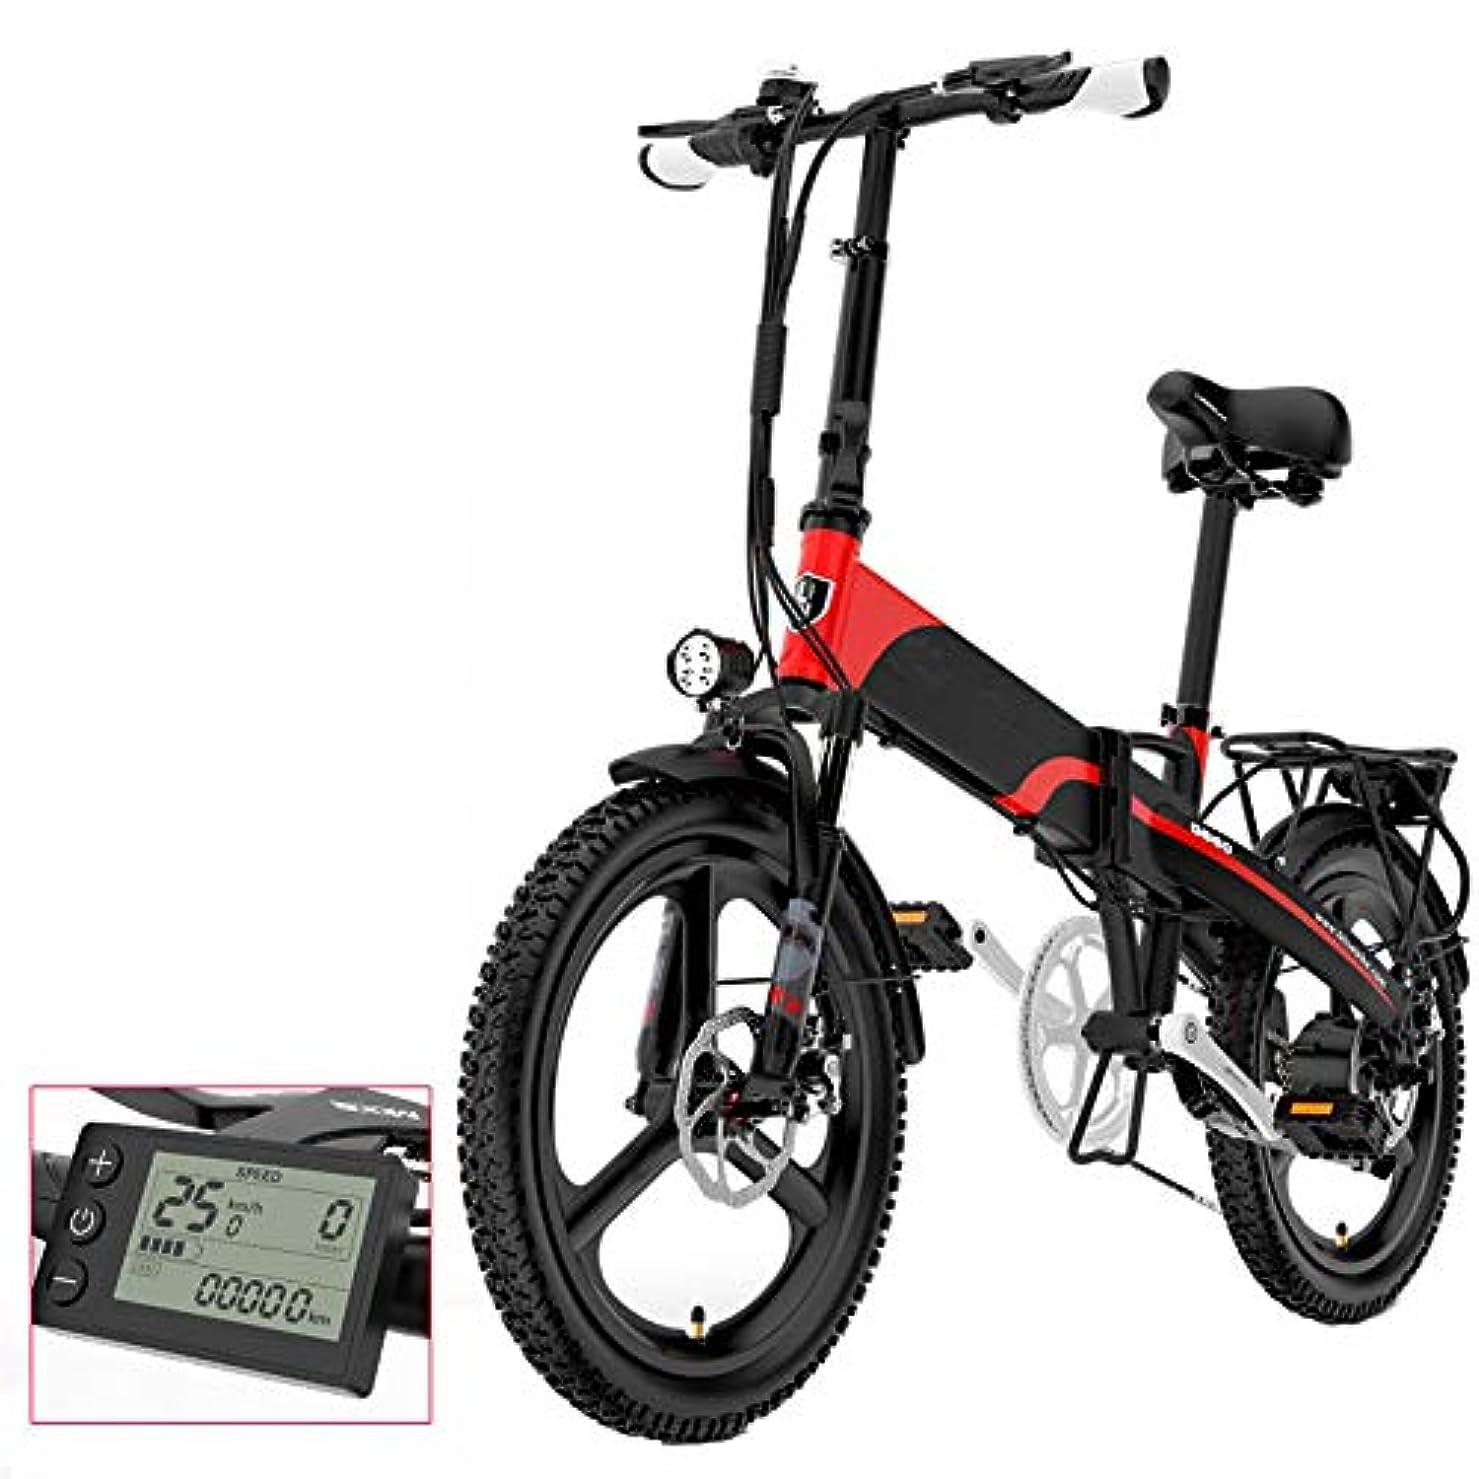 スカルク消費者ラップトップ男性と女性のための折りたたみ電動自転車、48V電動自転車、20インチの定速クルーズ電気自動車、ポータブル折りたたみ自転車の電子表示画面と,赤,48V/12.8AH/75KM